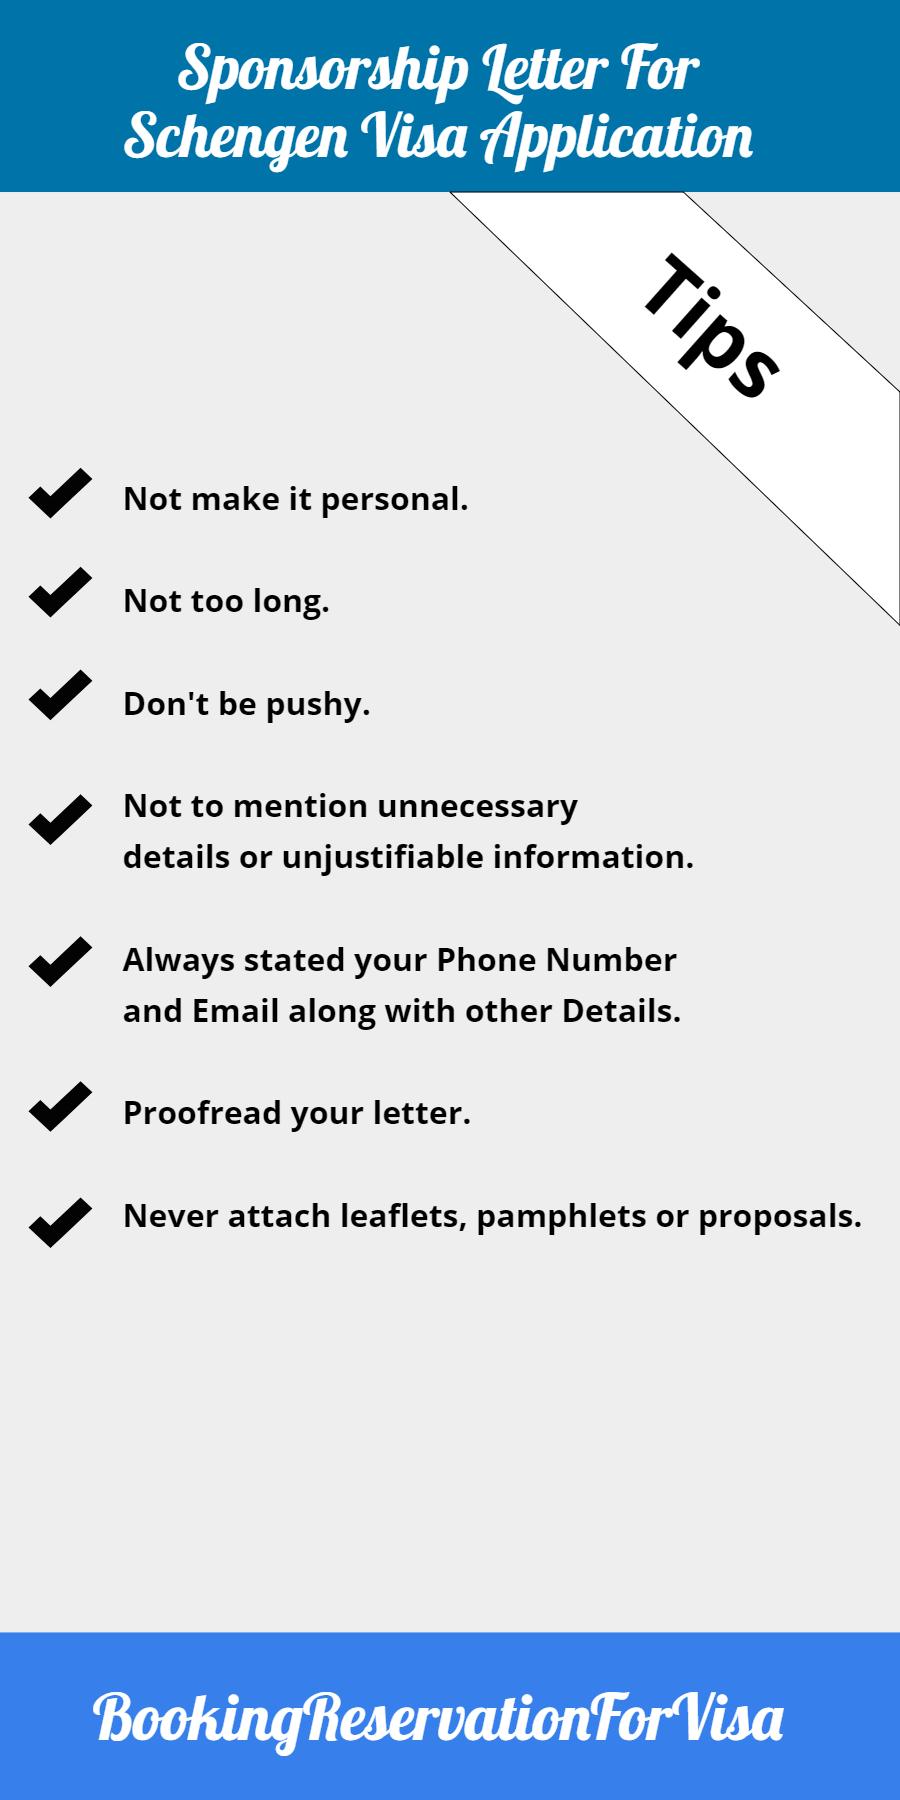 tips-for-sponsorship-letter-for-visa